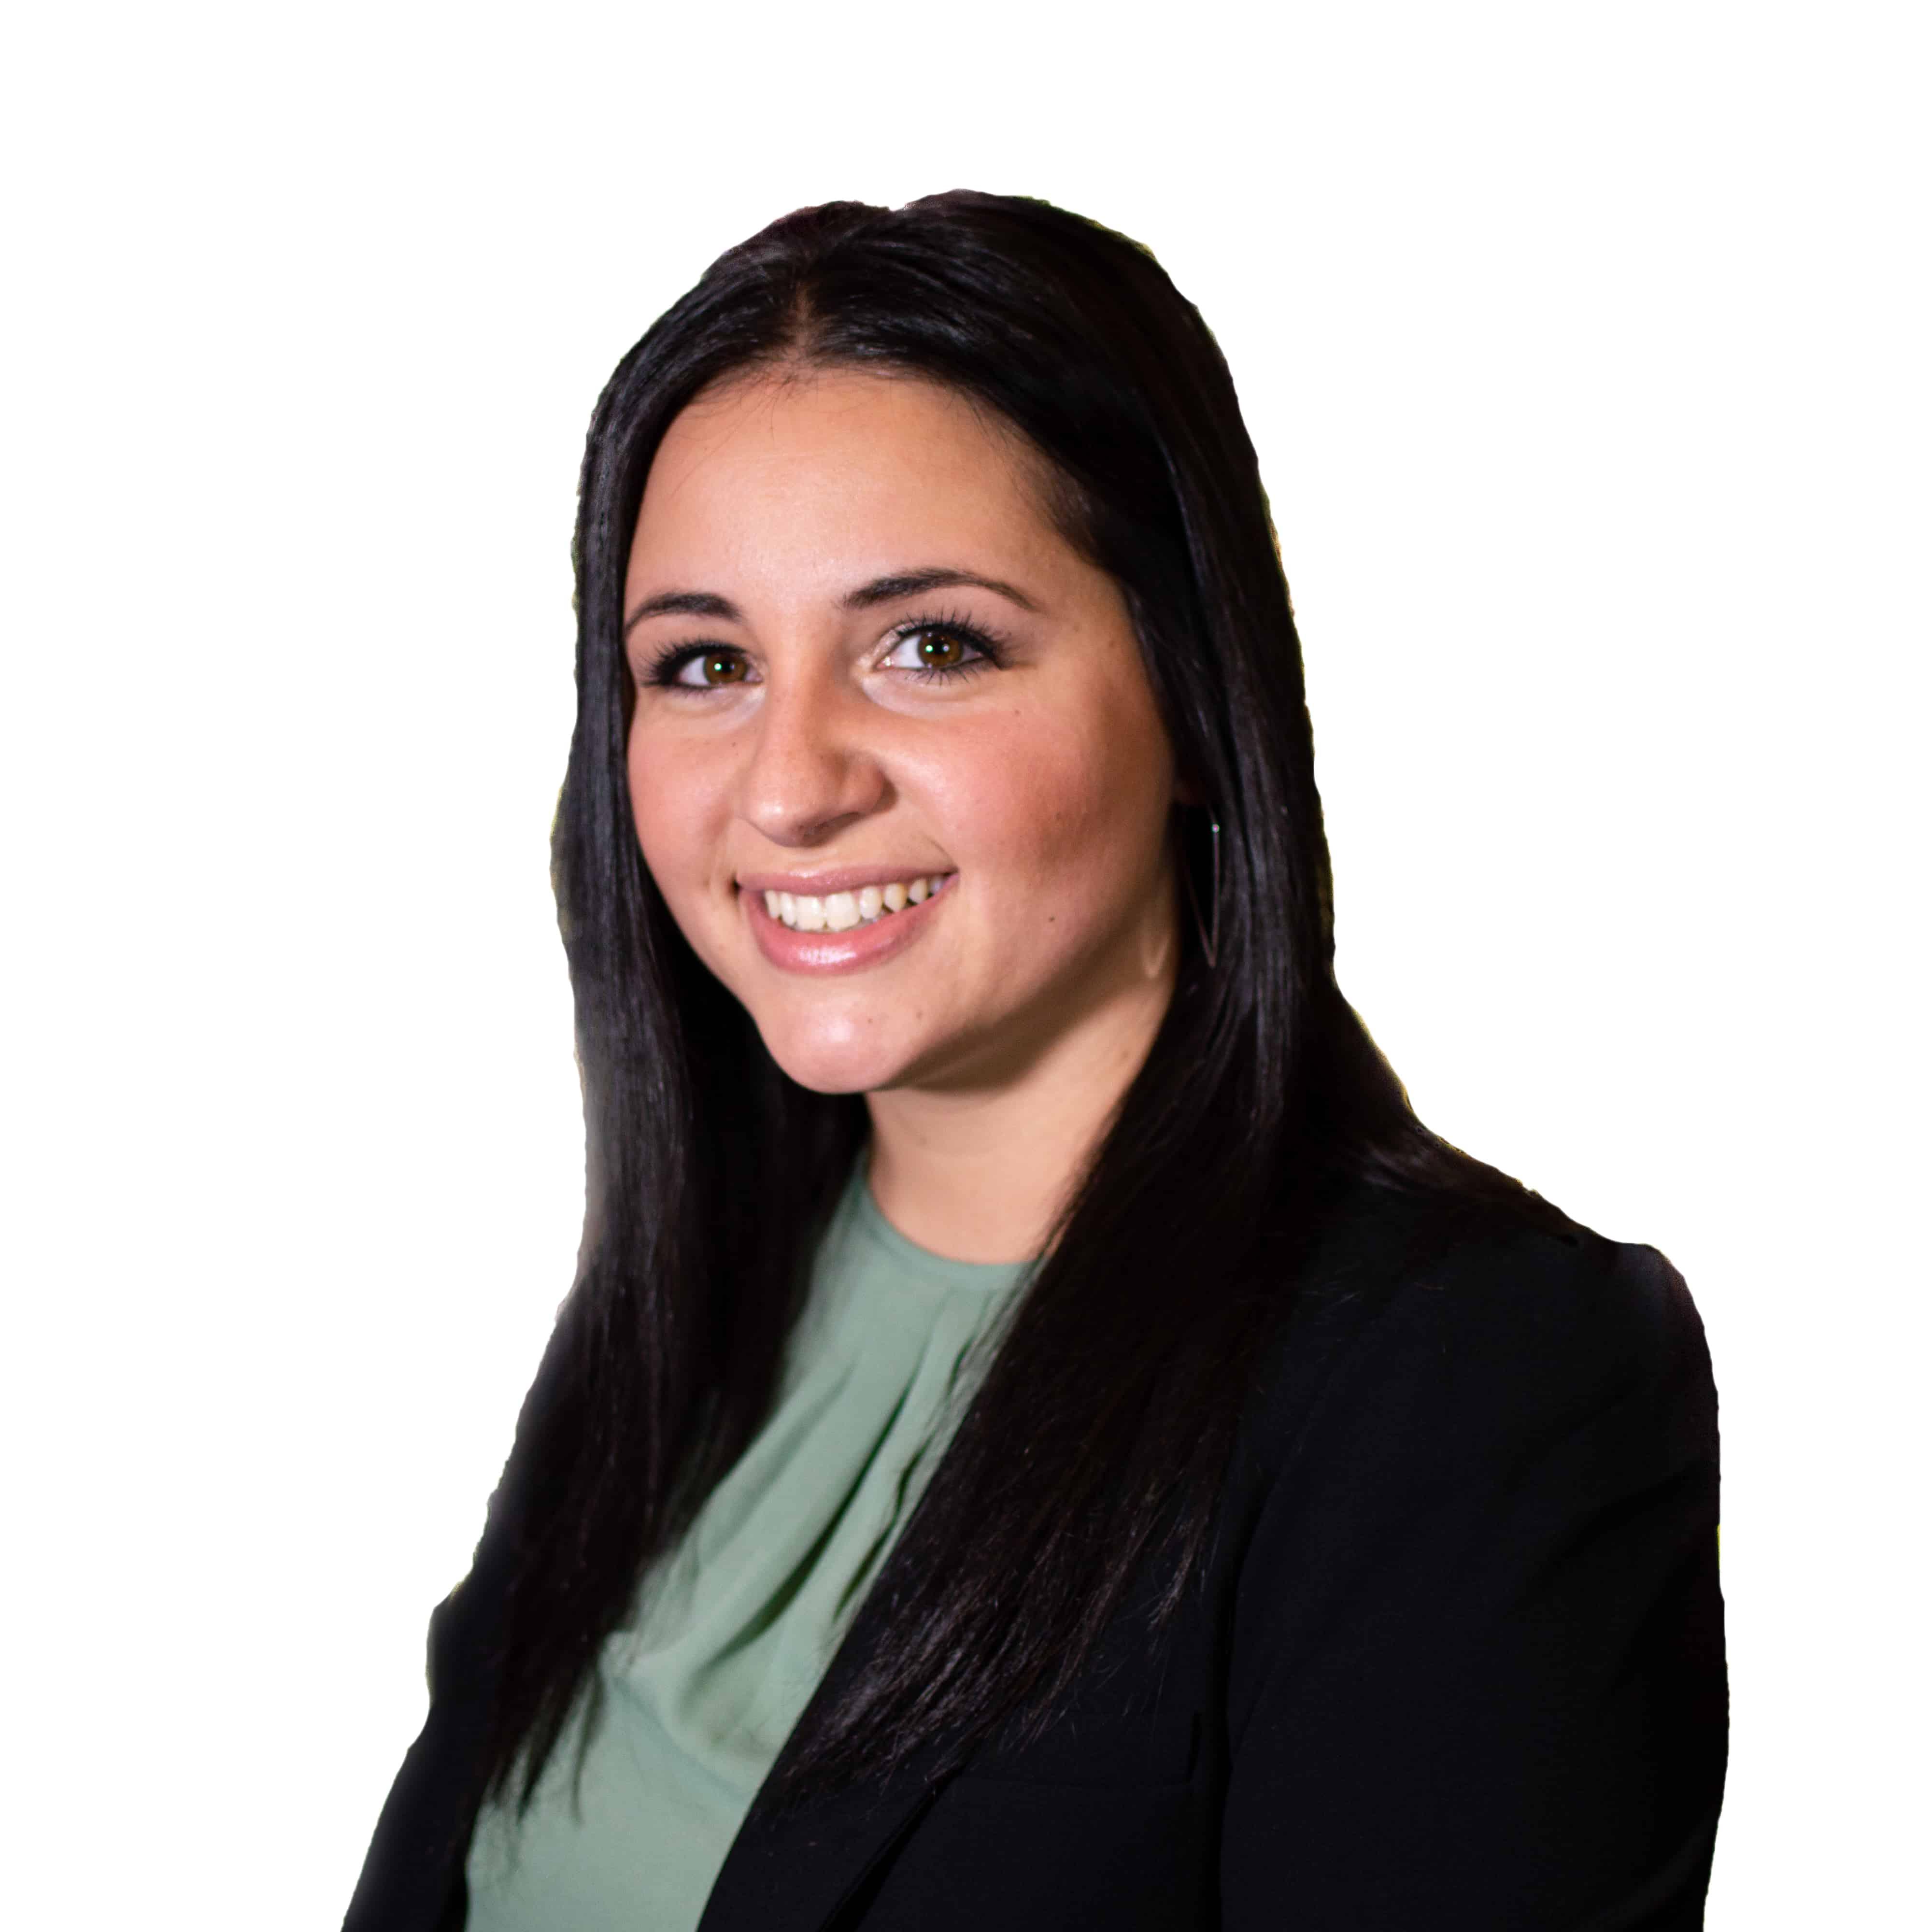 Tina Gerbino